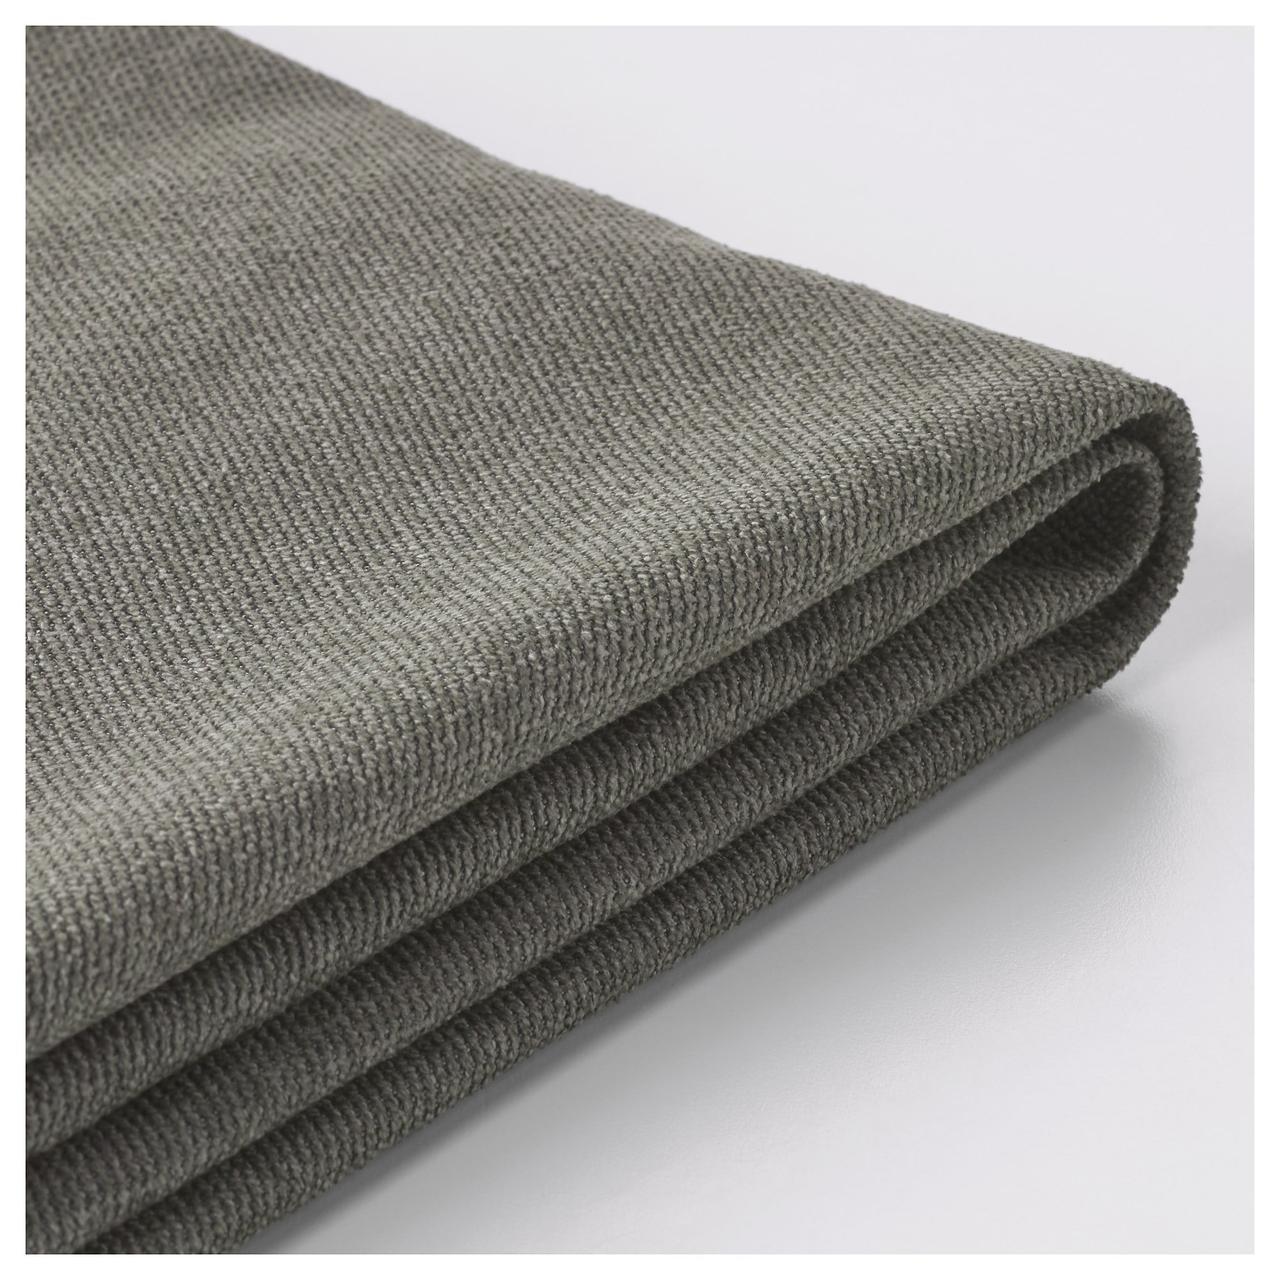 ВИЛАСУНД Чехол на 3-местный диван-кровать, Бурред темно-коричневый